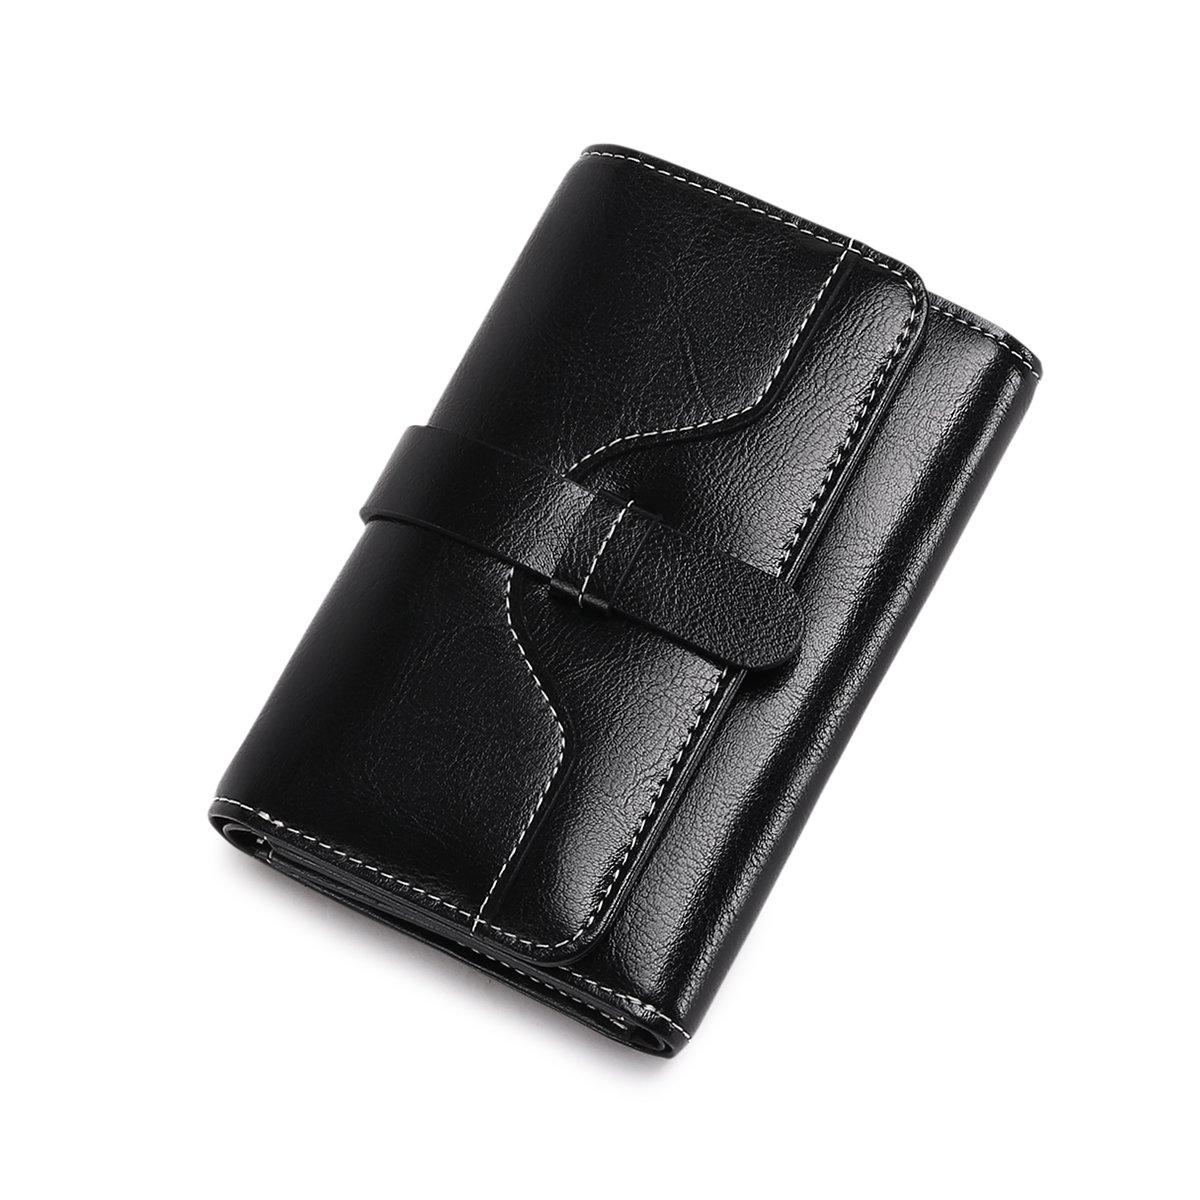 Vintage Leather Women short Wallet Coin Pocket Phone Purse Female Card Holder by Sendefn (Image #3)